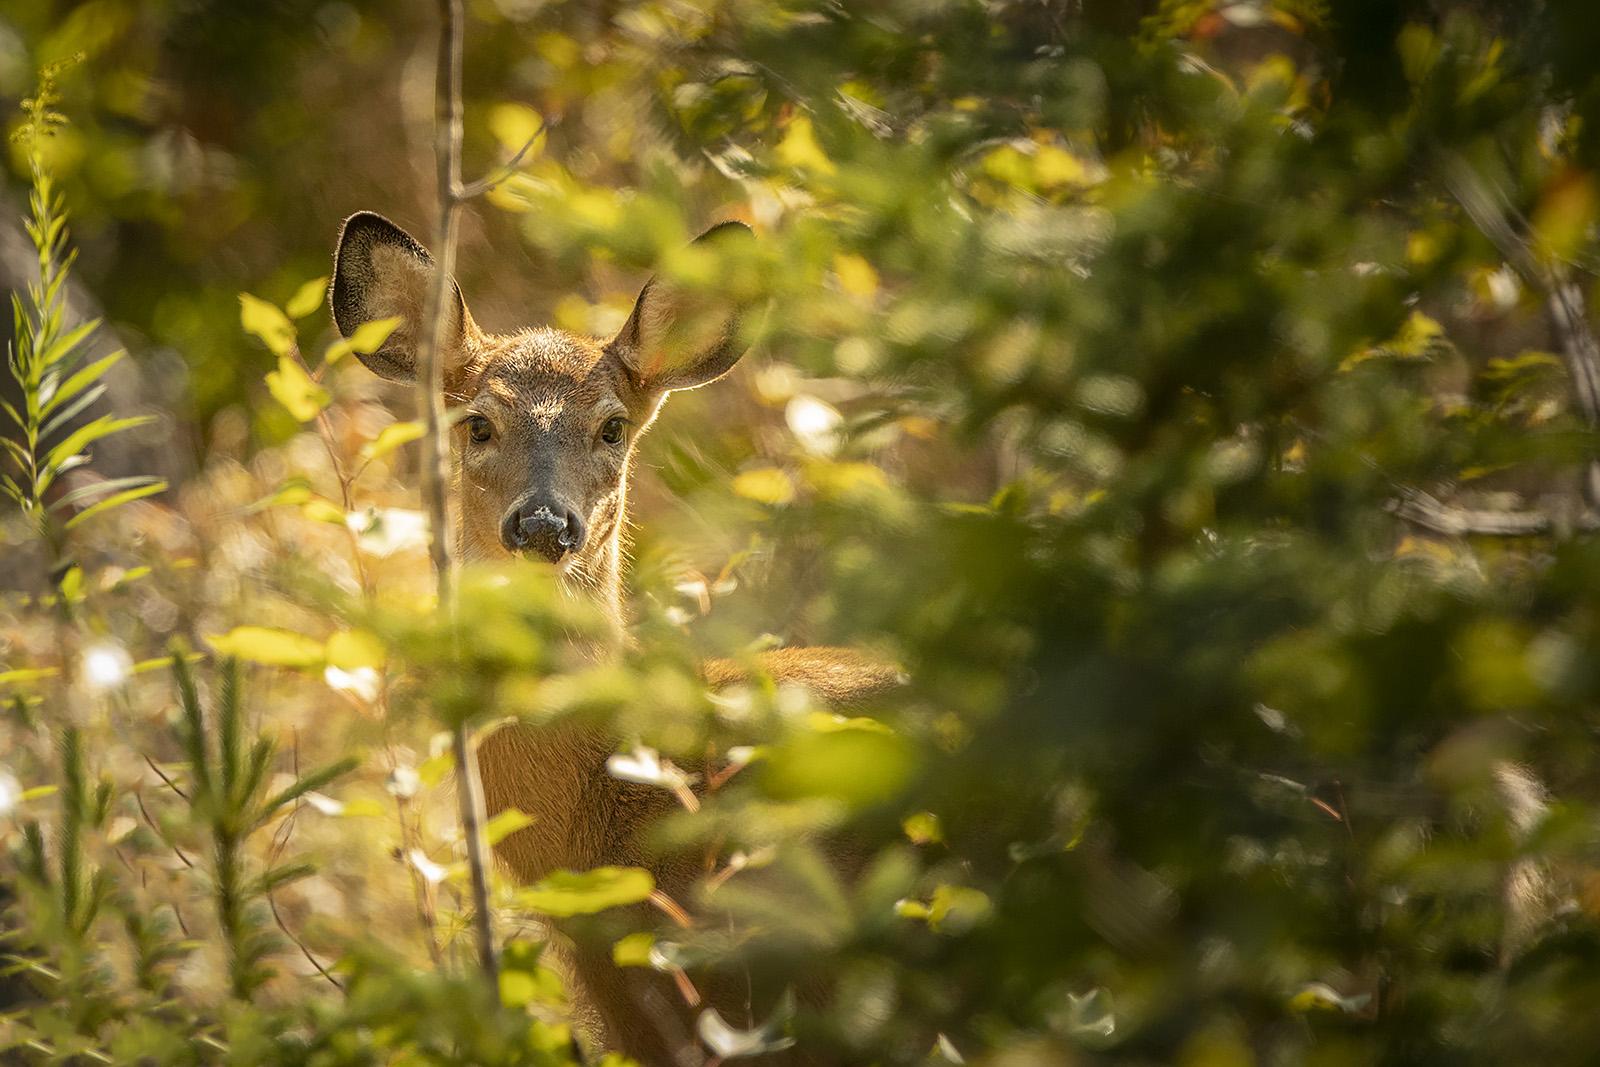 doe-deer-peaking-through-bushes-new-brunswick-canada-brimages.ca